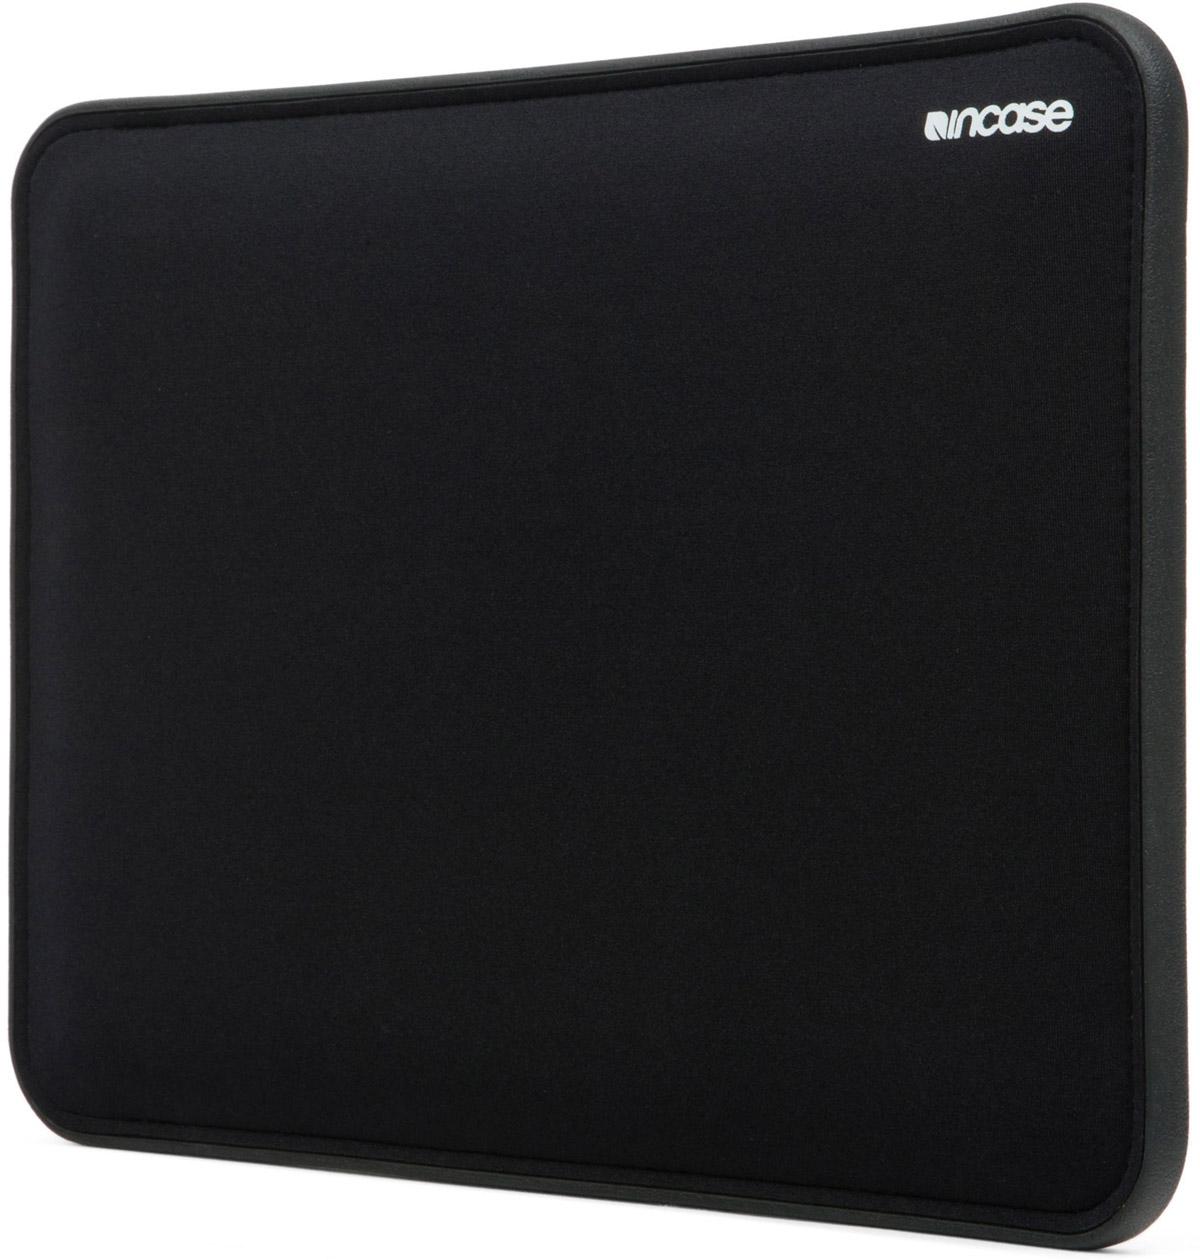 Incase Icon Sleeve чехол для Apple MacBook Pro Retina 15, BlackCL60658Чехол Incase Icon Sleeve для MacBook оснащается лёгкой рамой-бампером из ЭВА и использует современную технологию Tensaerlite для максимальной защиты от ударов. Магнитная застёжка чехла дополнительно защищает MacBook, при этом обеспечивая удобный доступ к нему.